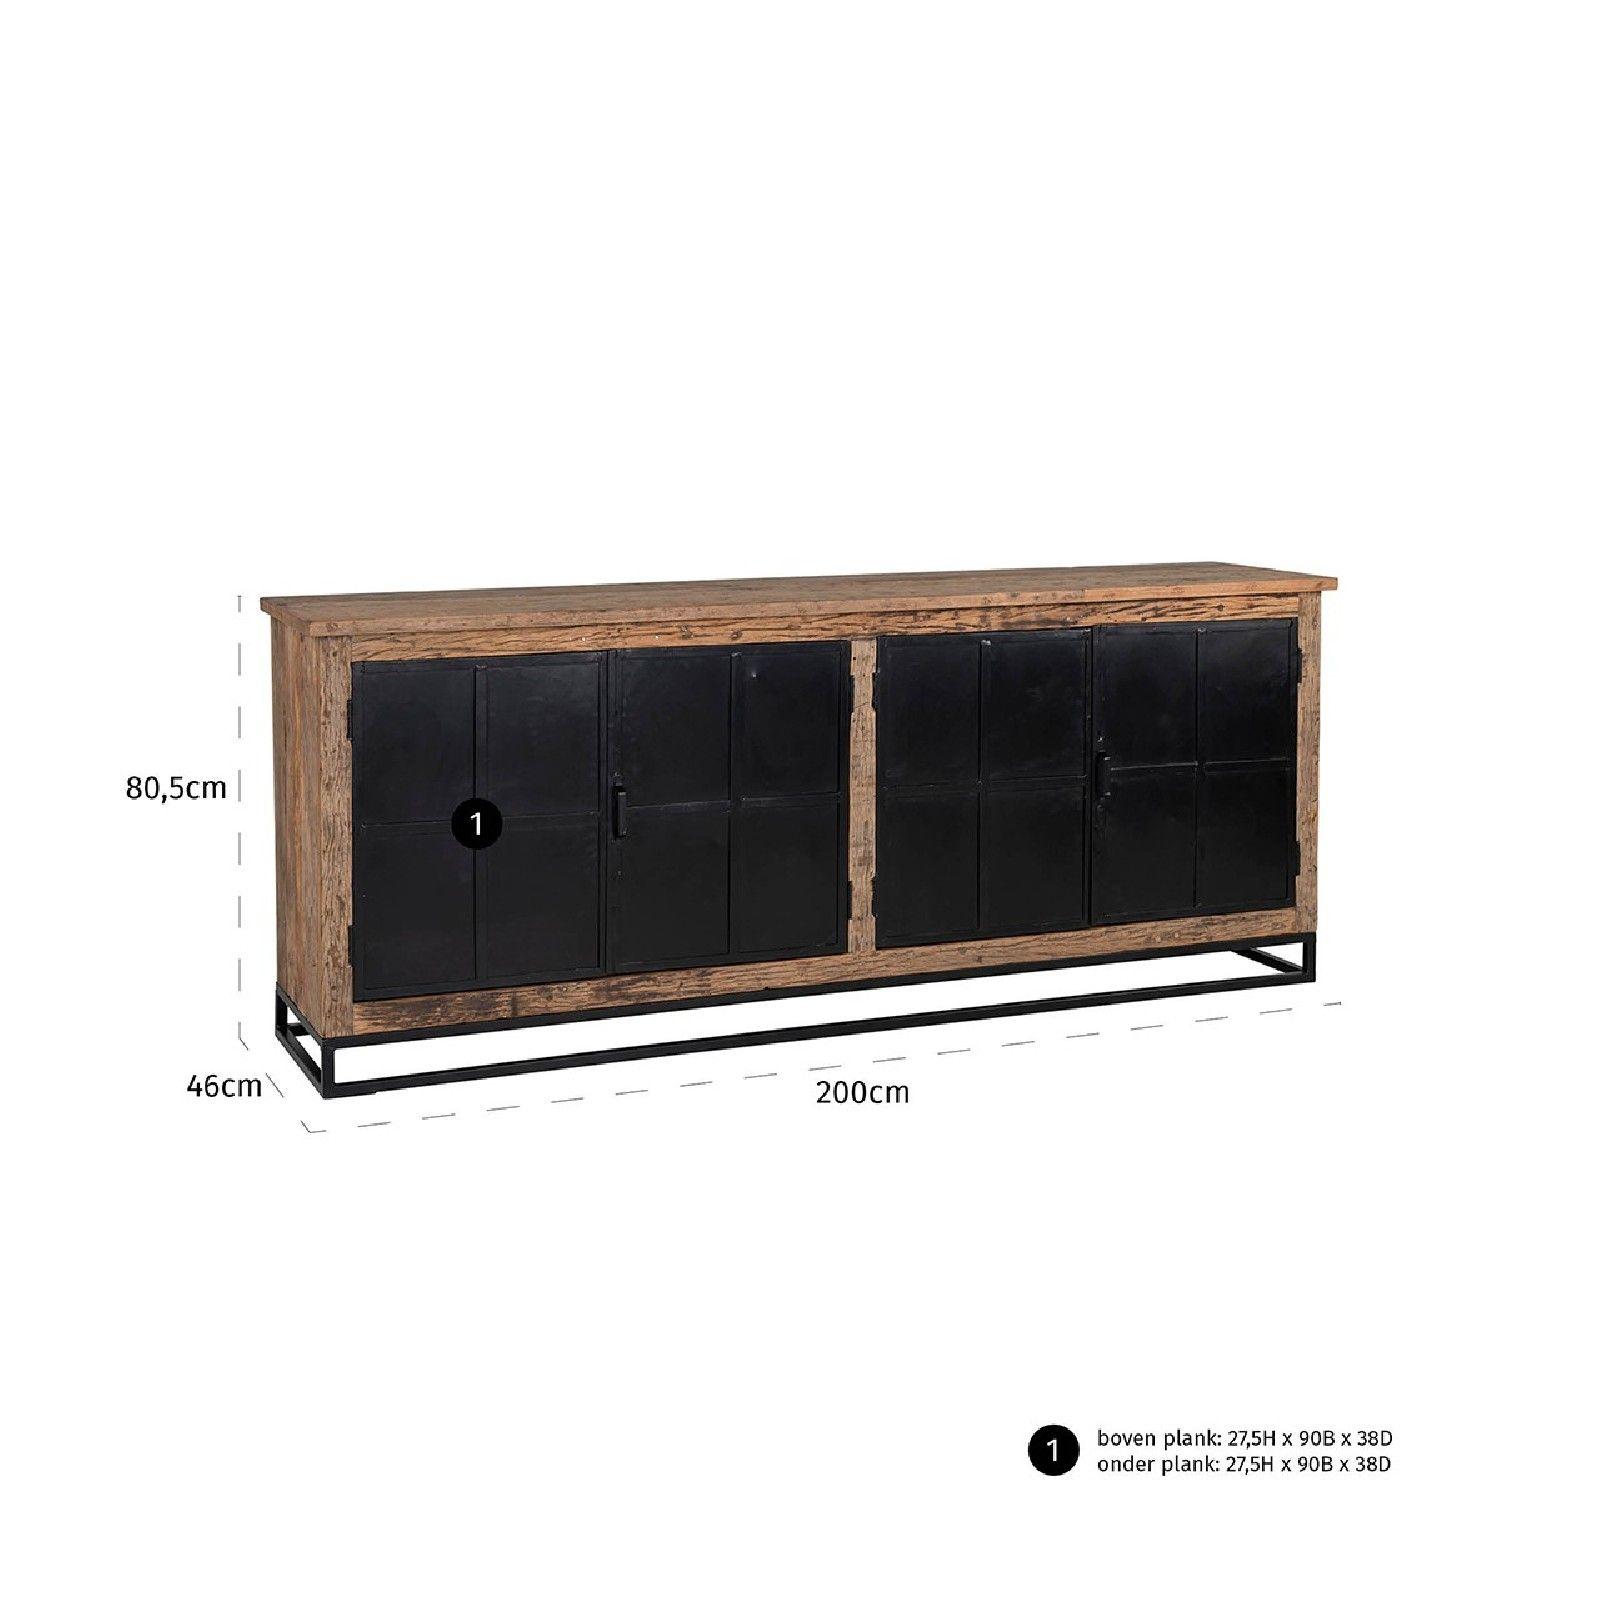 Bahut Raffles 4-portes, Recyceld wood Meuble Déco Tendance - 218